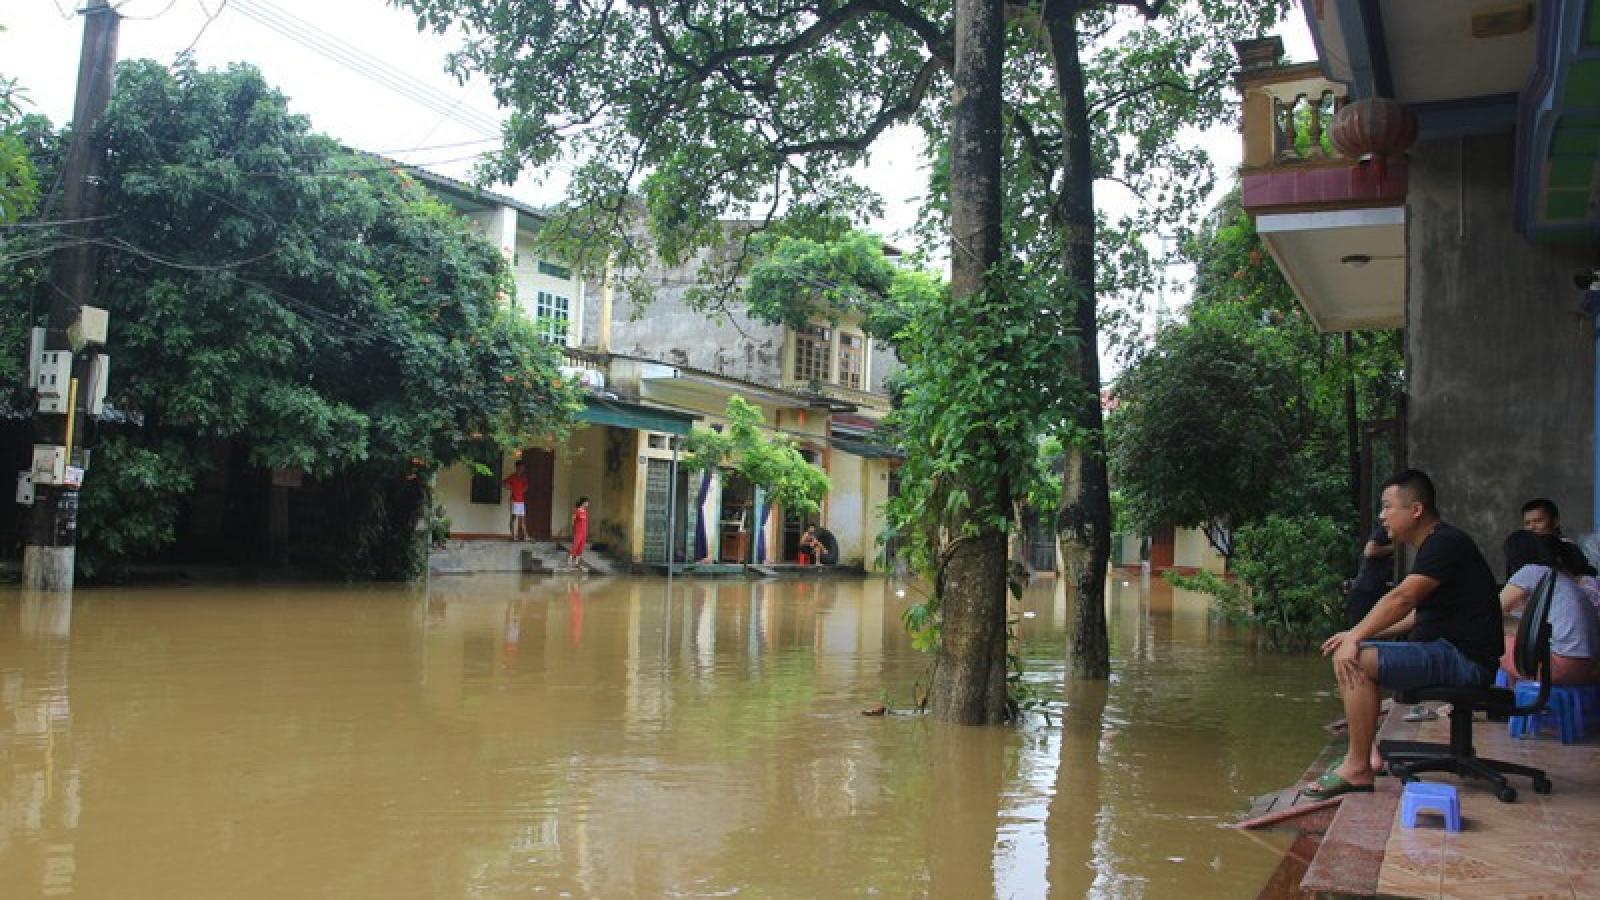 7 người chết, 4 người bị thương do mưa lũ, sạt lở đất ở các tỉnh miền phía Bắc